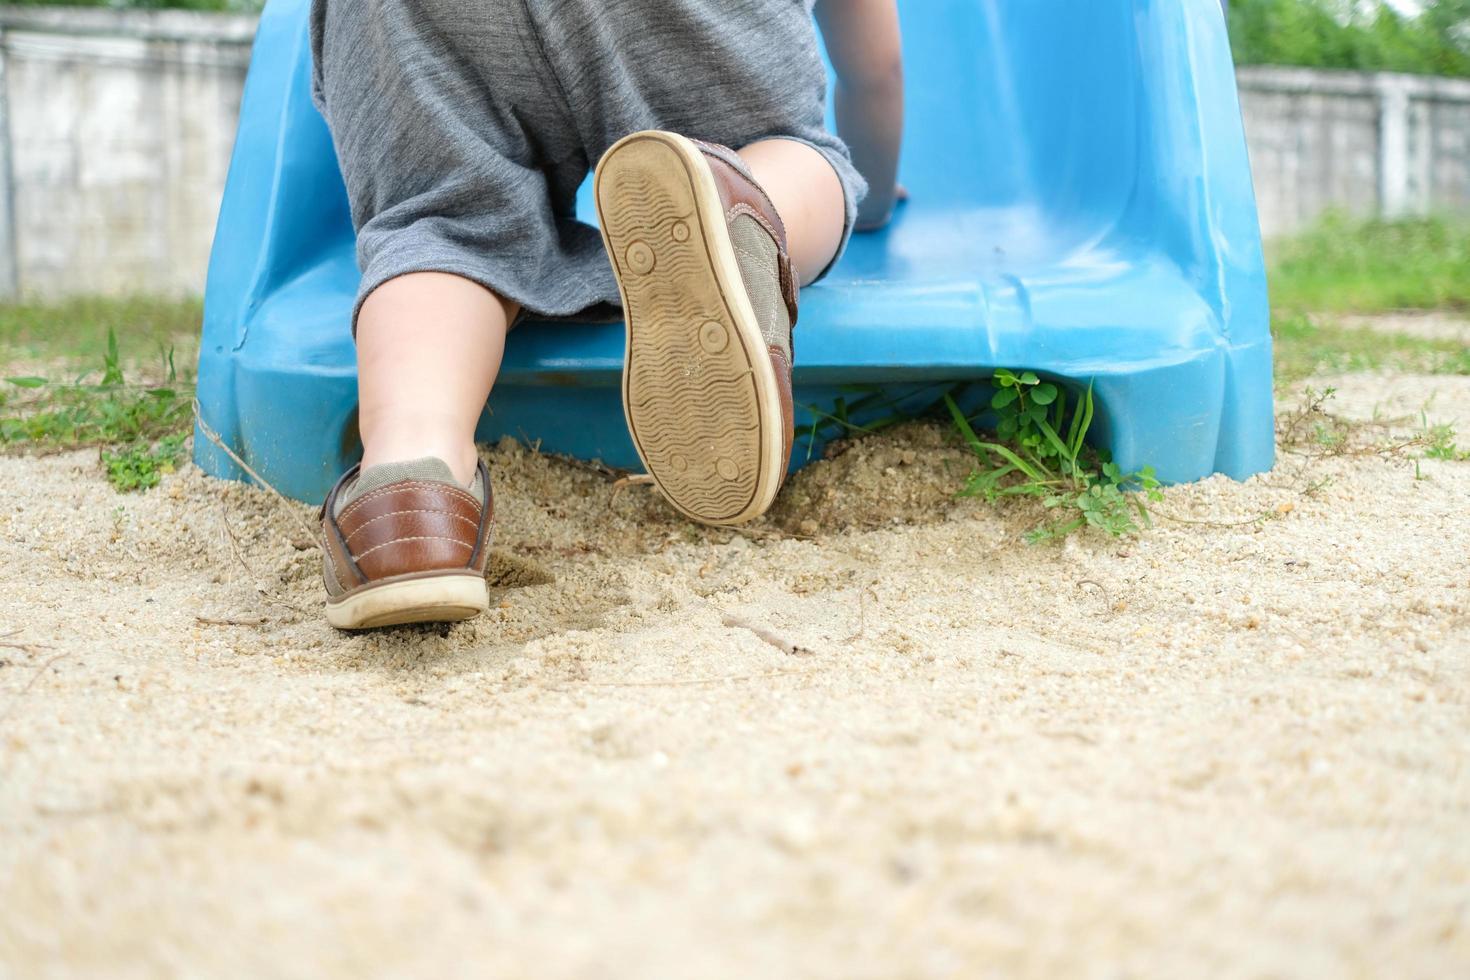 klein kind klimmen glijbaan foto